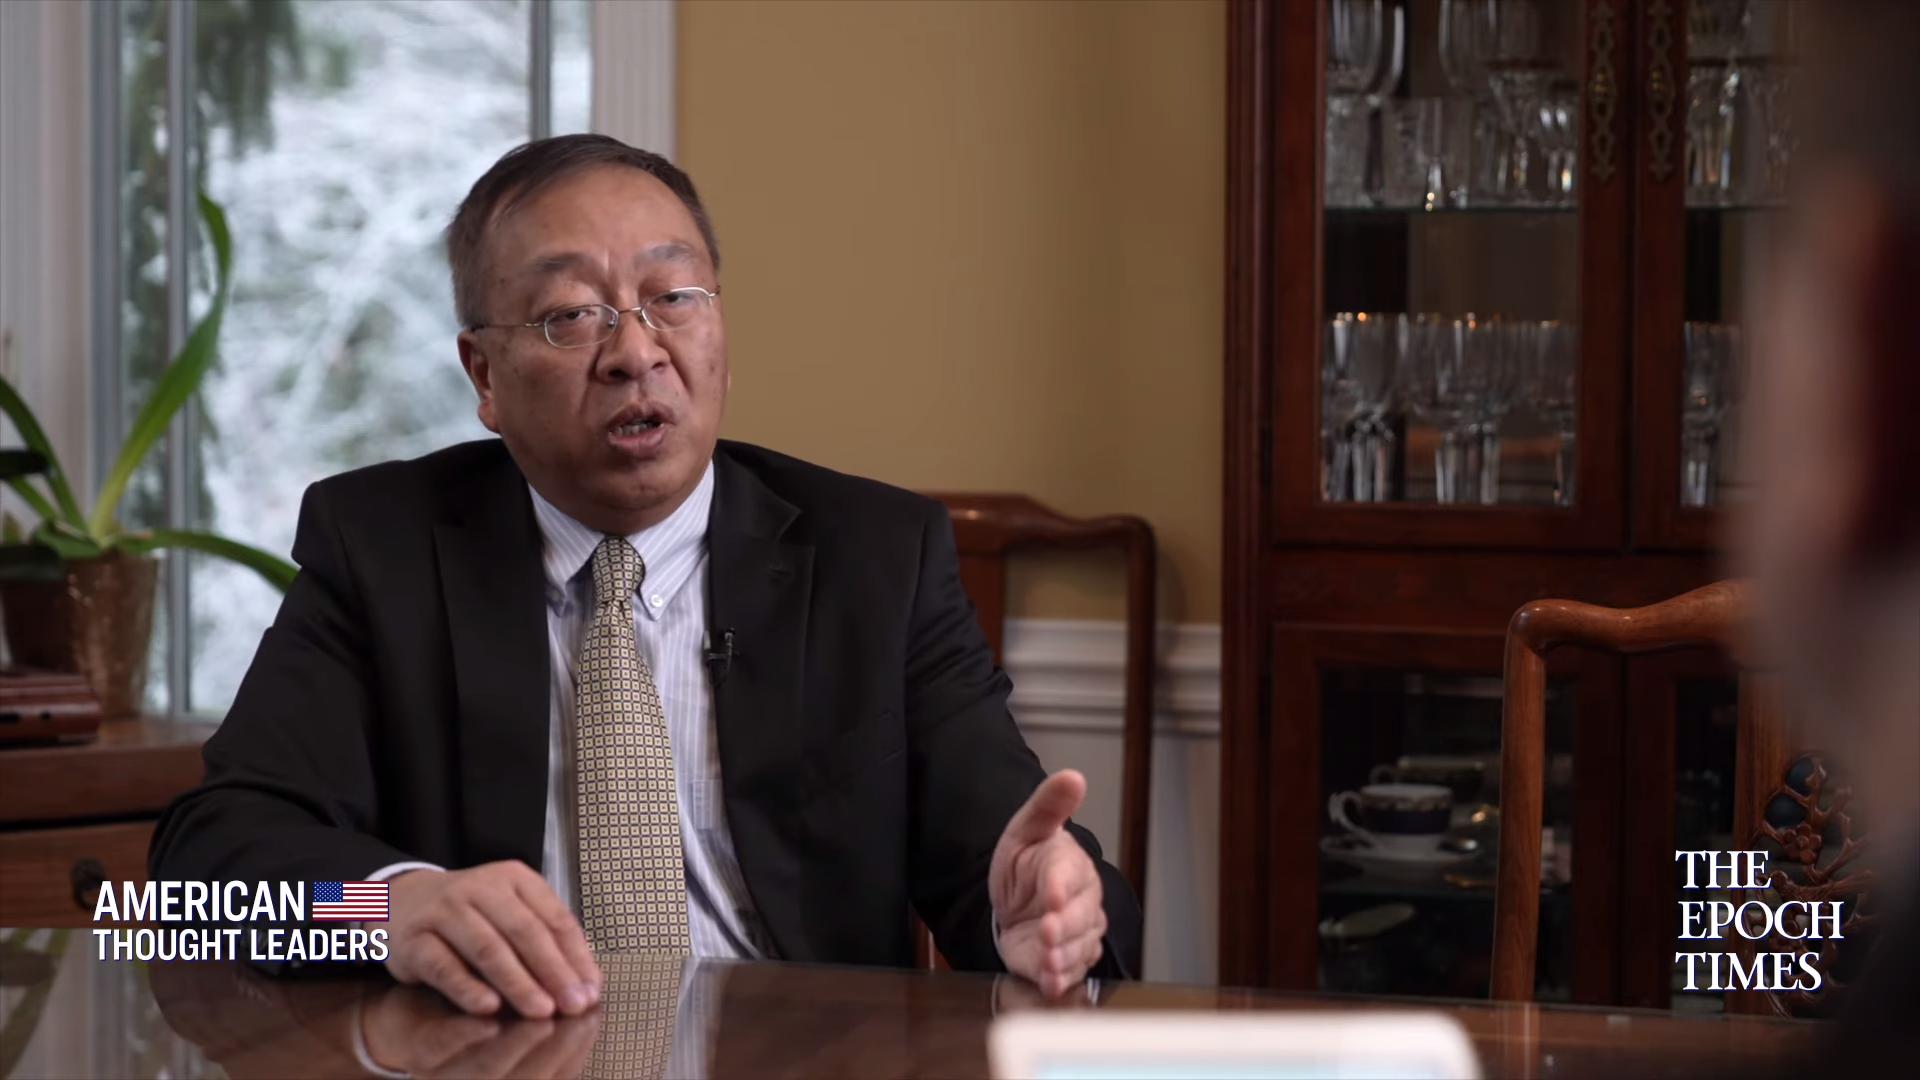 前美國國務卿蓬佩奧的中國顧問余茂春。(大紀元視頻截圖)